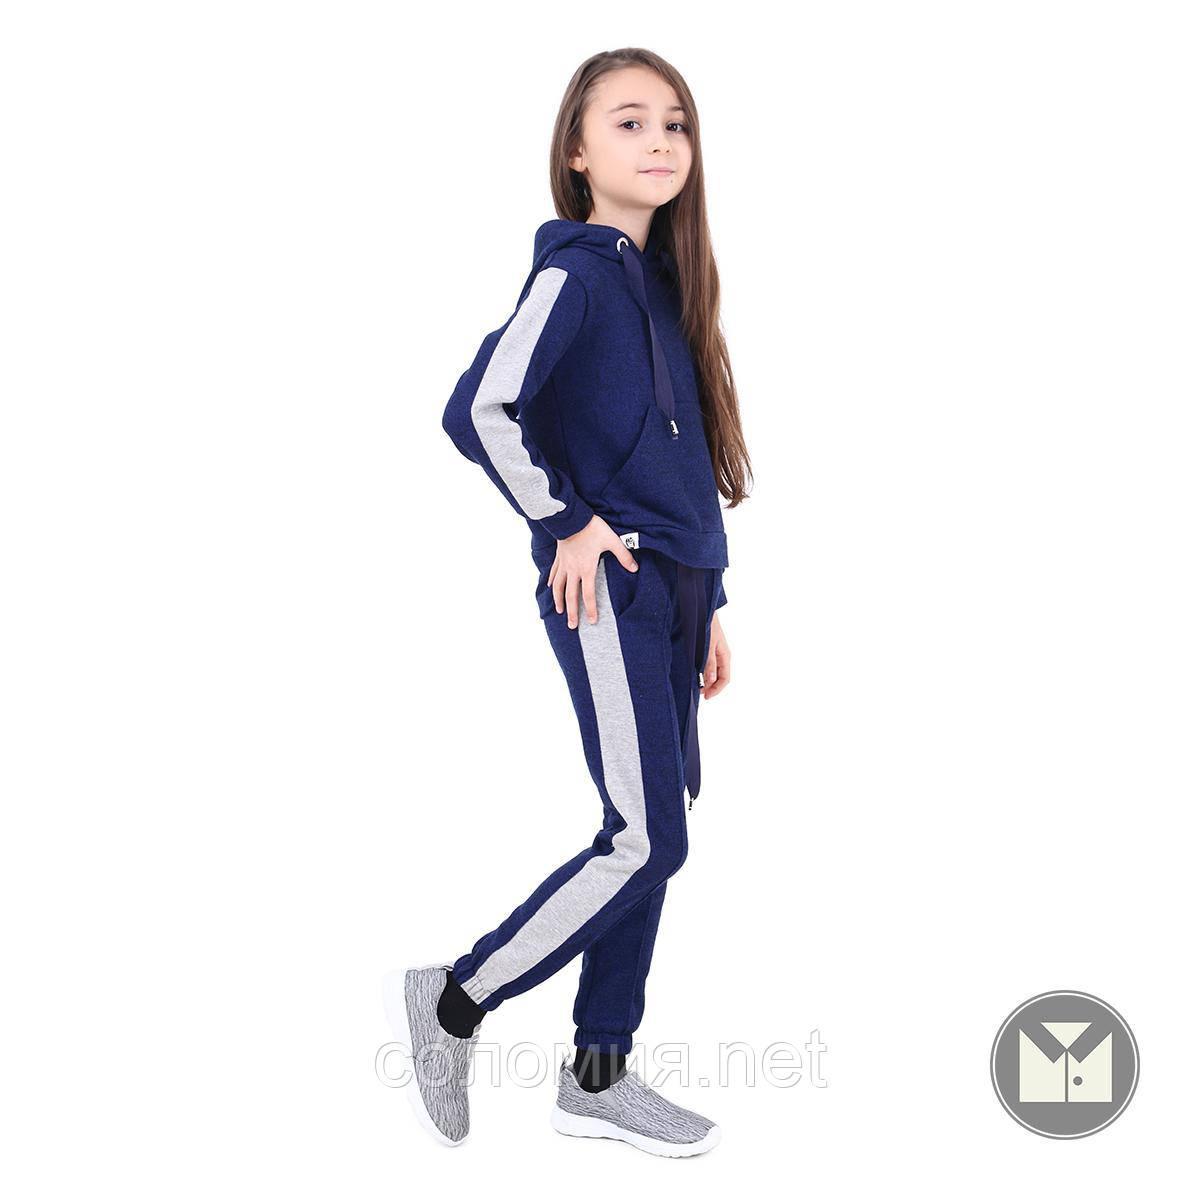 Практичный и модный спортивный костюм  для девочки 122-152р